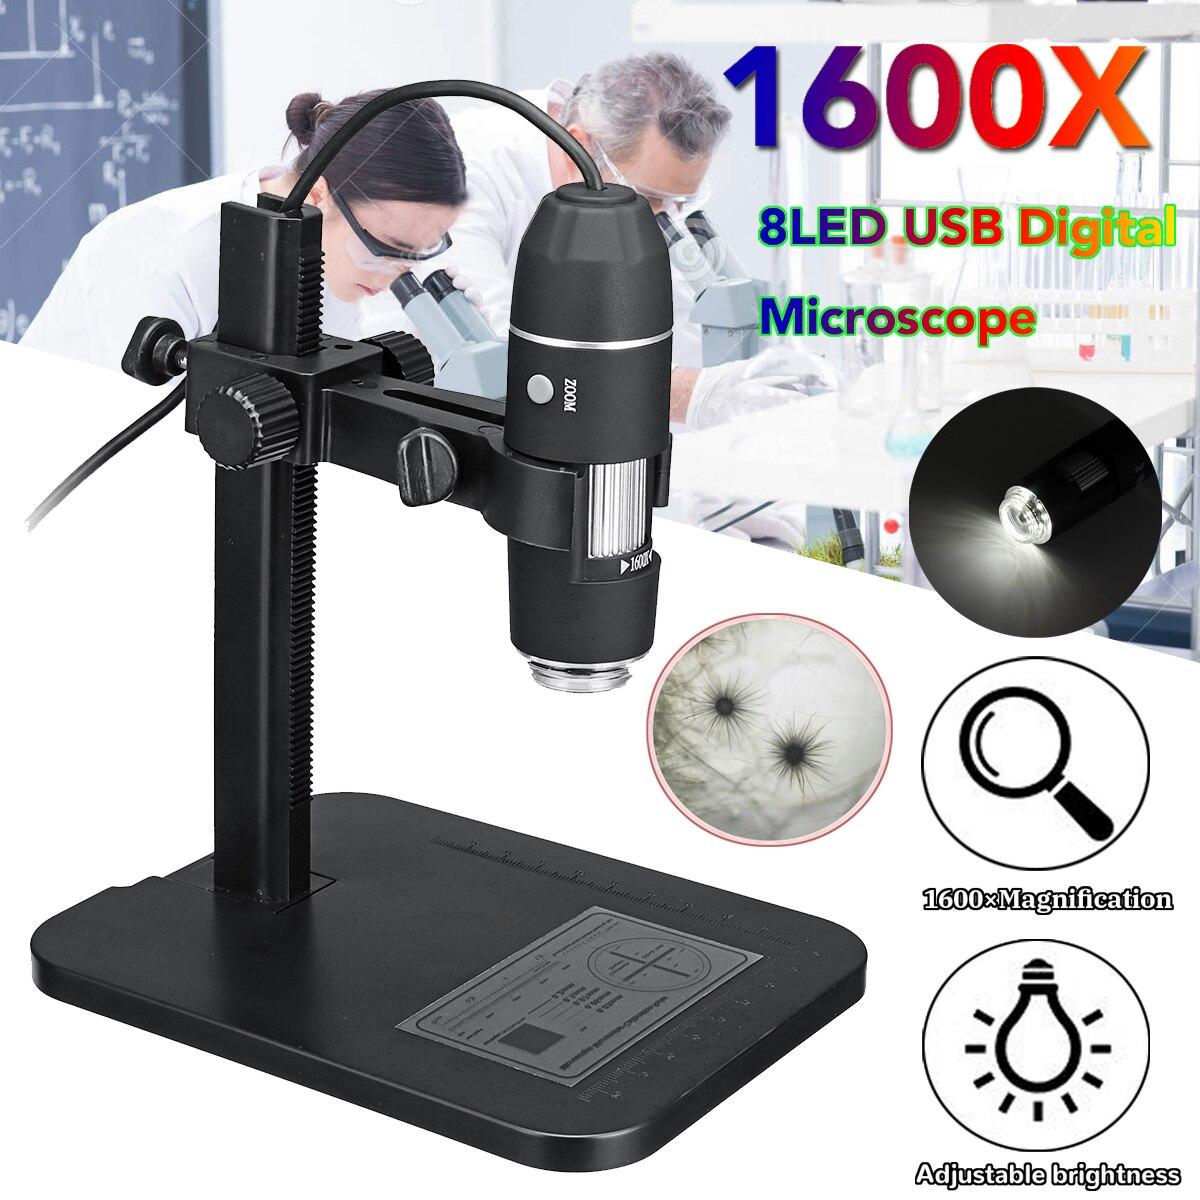 1600X 8LED USB Digital Mikroskop Handheld Elektronen Mikroskop mit Mess Lineal Halterung